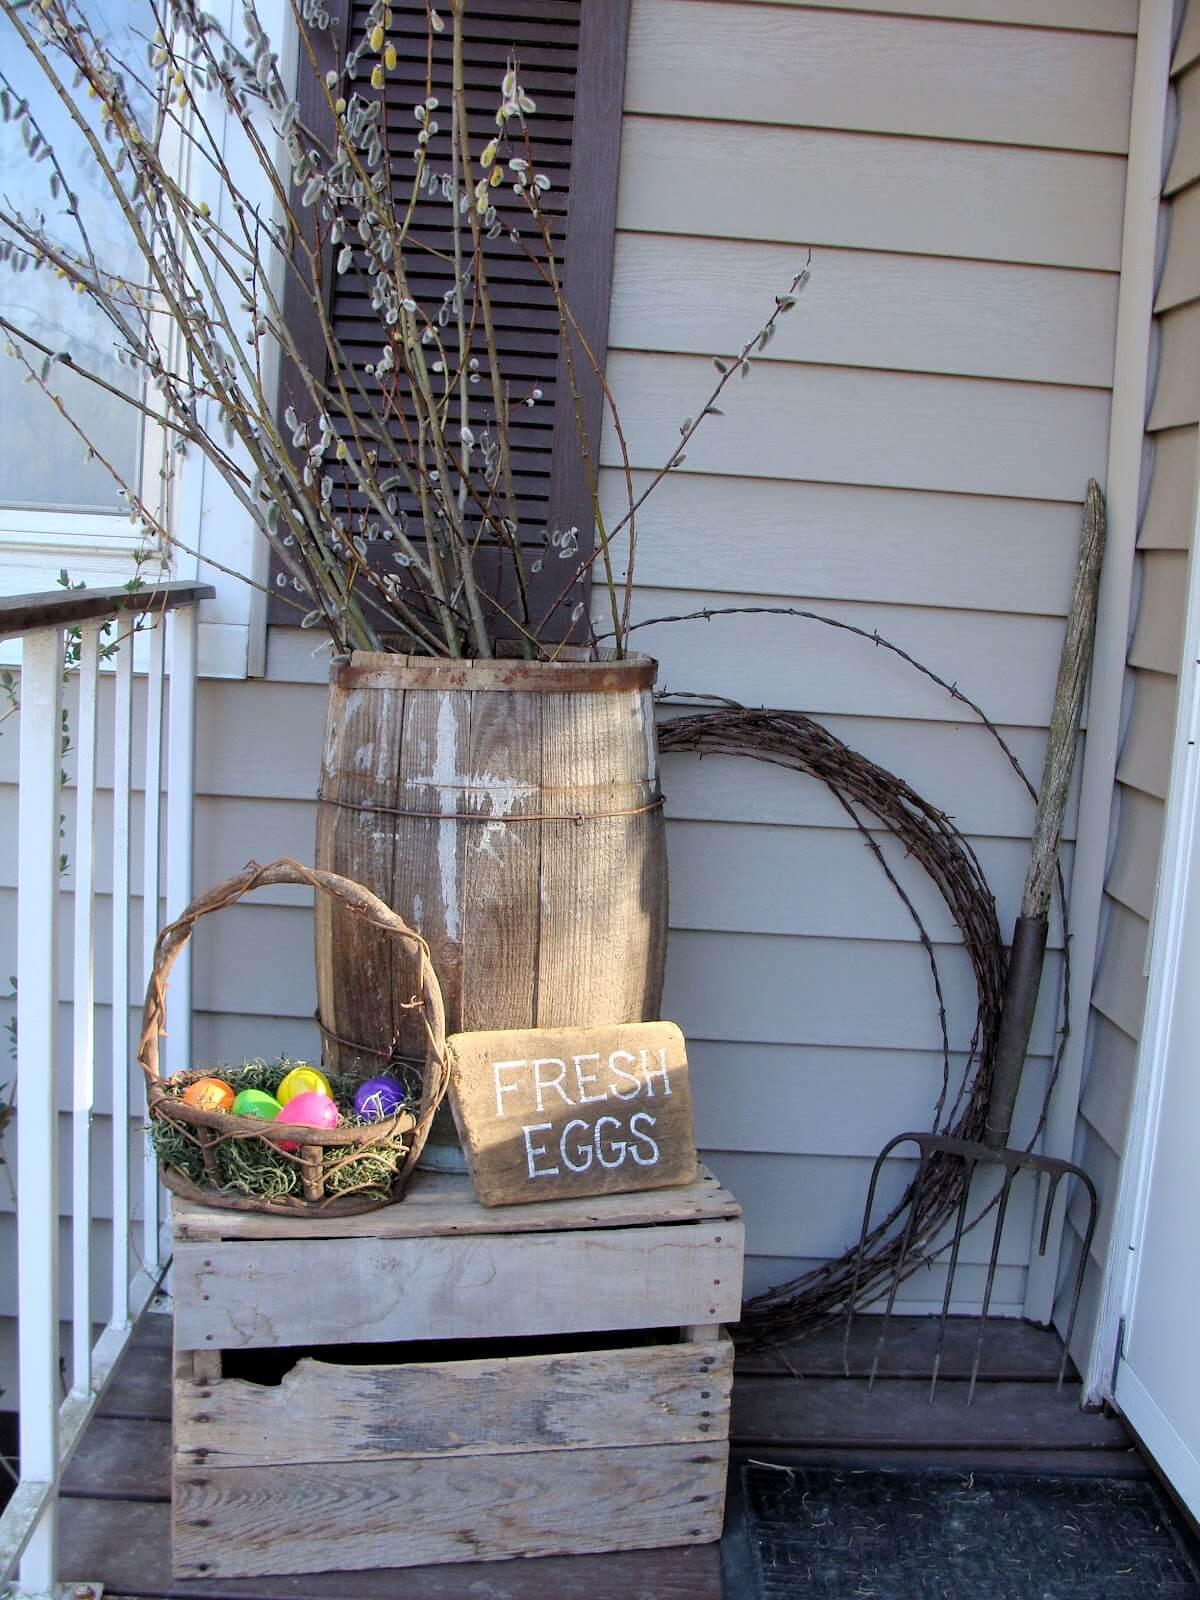 Décorations extérieures pour Pâques